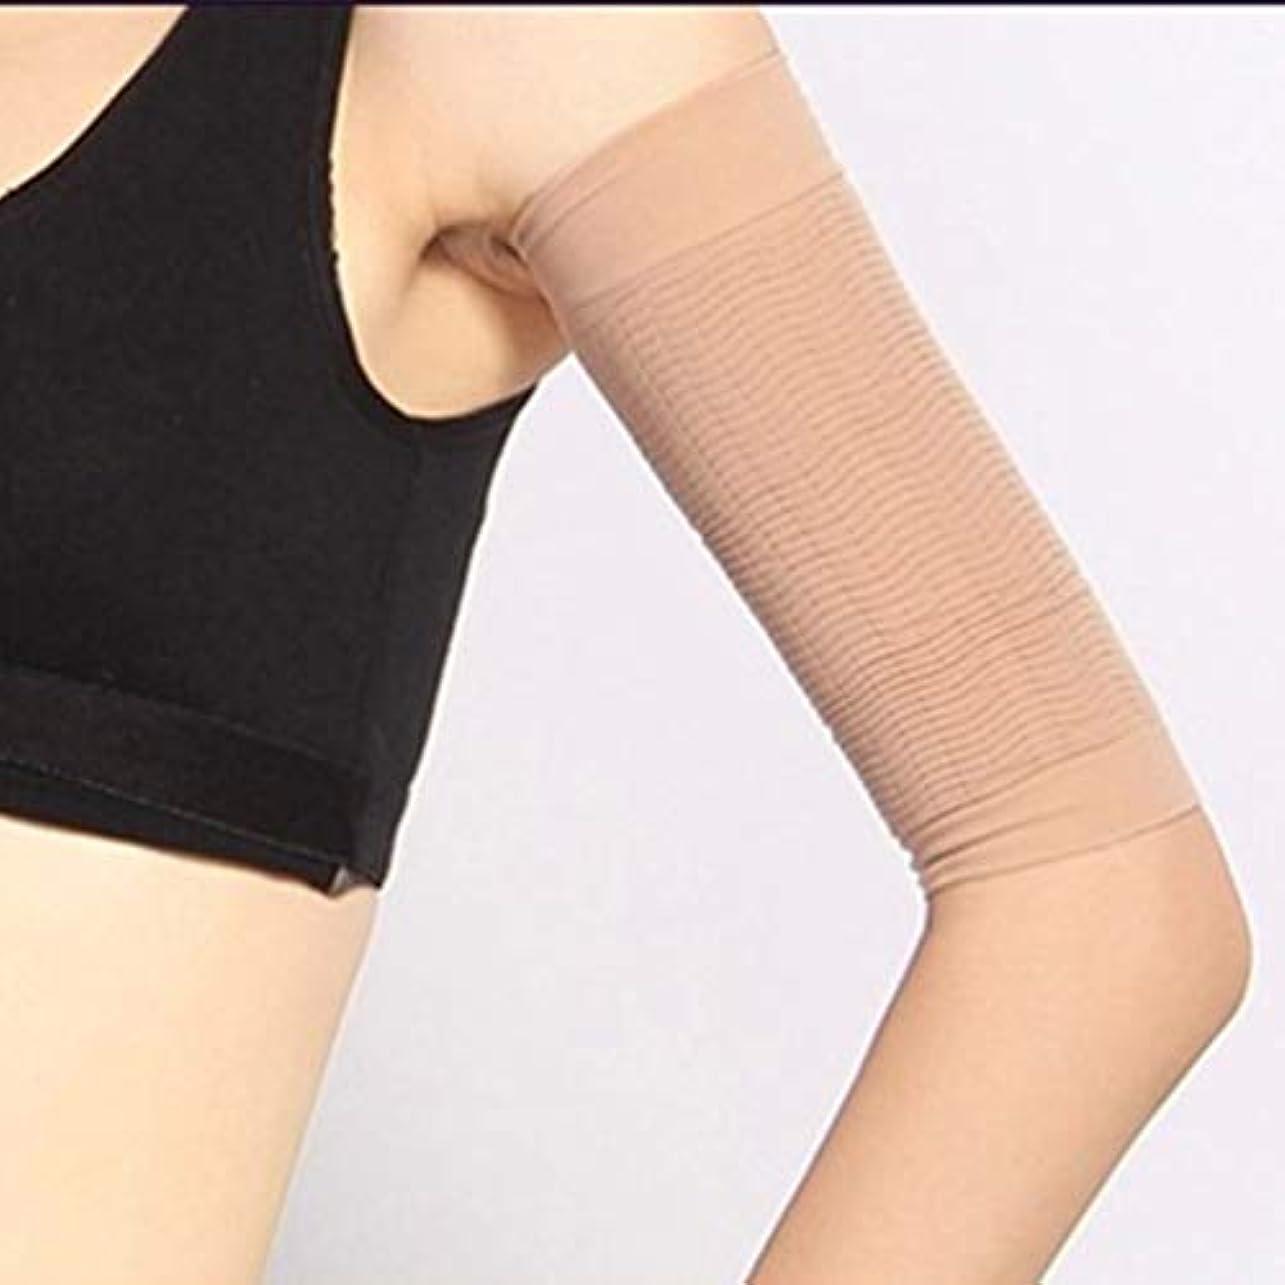 七時半連鎖ダム1ペア420 D圧縮痩身アームスリーブワークアウトトーニングバーンセルライトシェイパー脂肪燃焼袖用女性 - 肌色